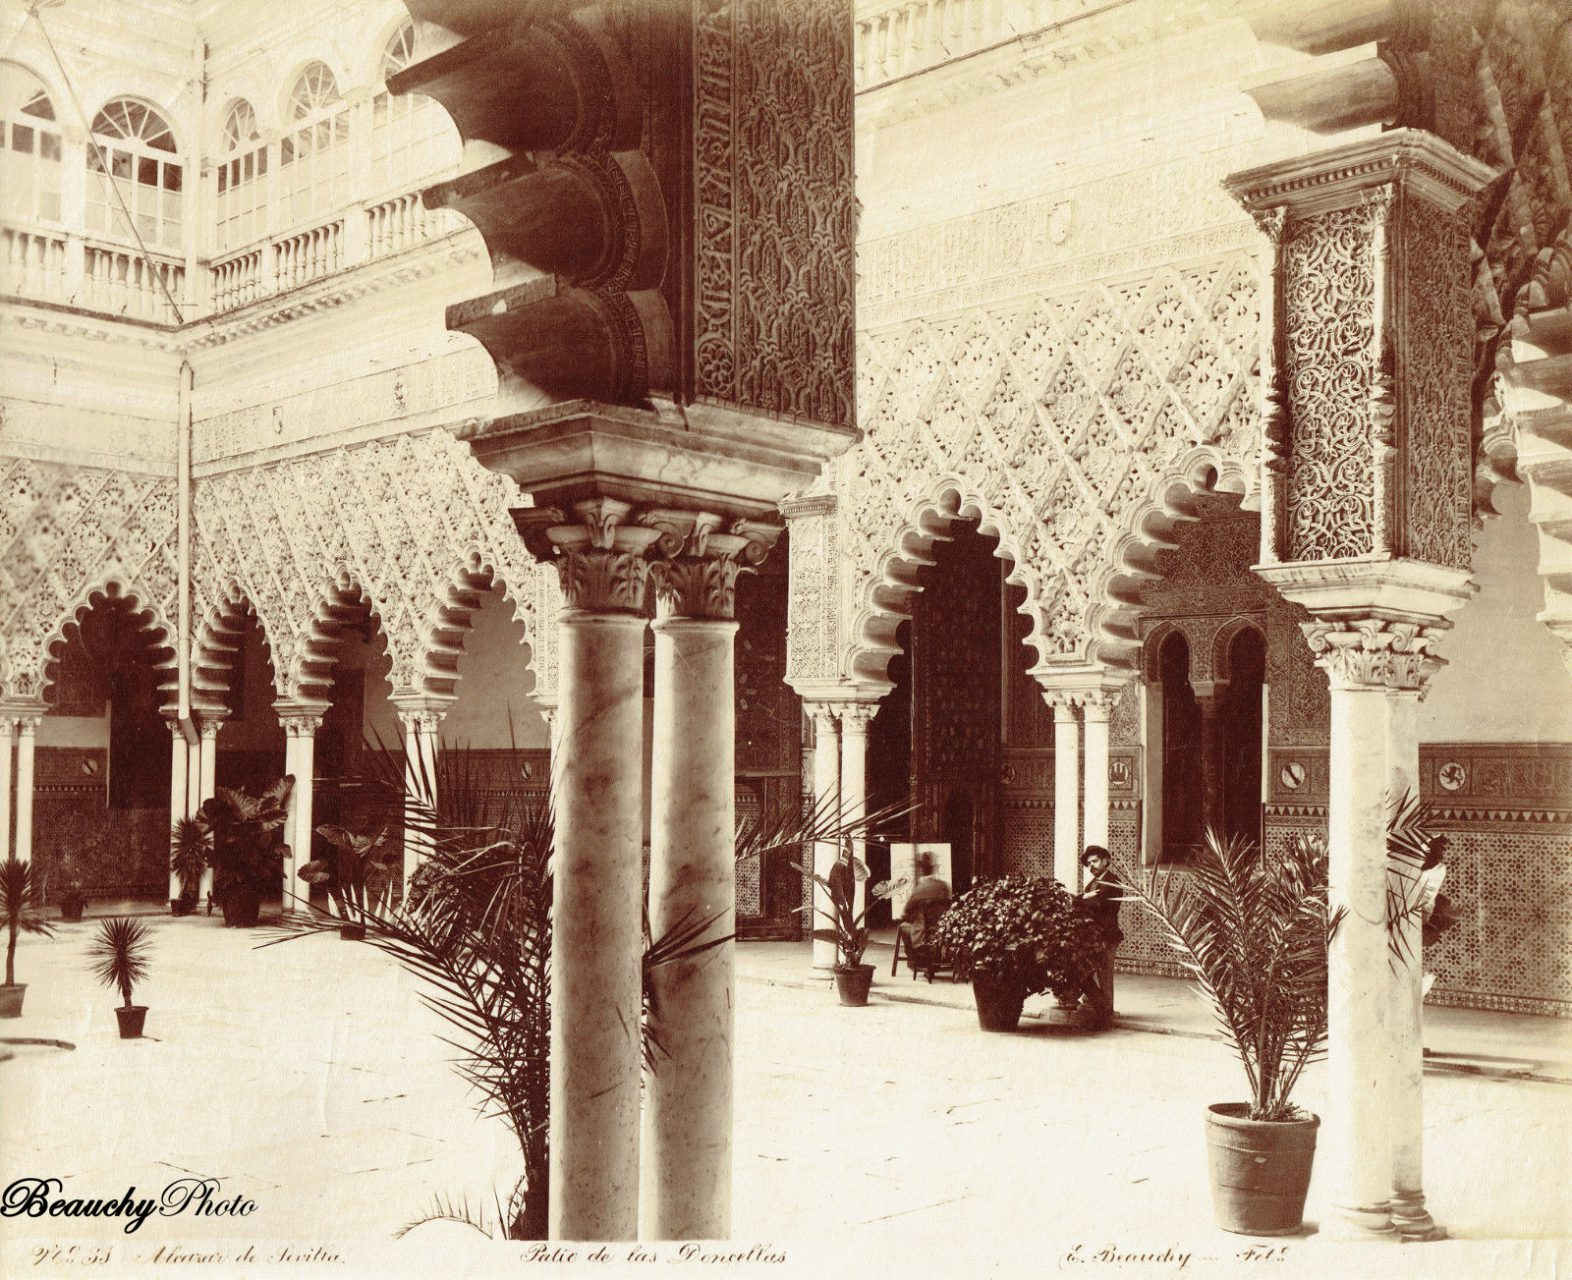 Beauchyphoto_Alcázar_de_Sevilla_Patio_de_las_Doncellas_Emilio_Beauchy_Cano_fotografias_antiguas_postales_vistas_y_monumentos